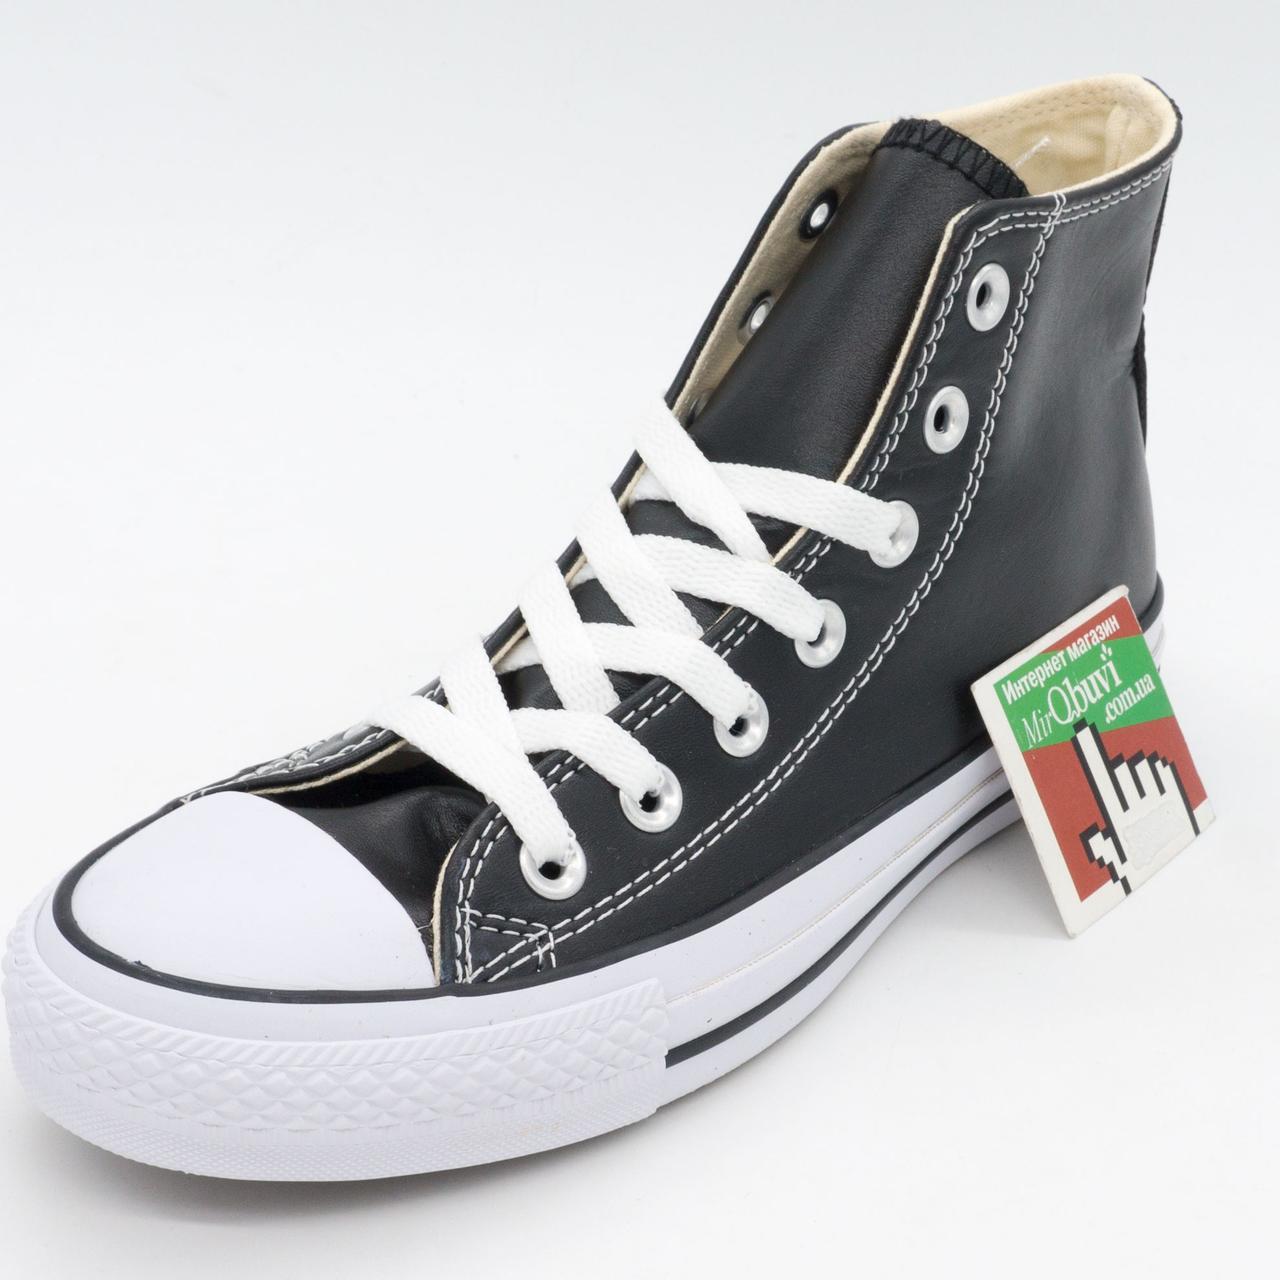 e8e7dbb7 Кожаные кеды Converse (Конверс) высокие черные. Топ качество! р.(37, 38,  40), цена 850 грн., купить в Днепре — Prom.ua (ID#390008049)